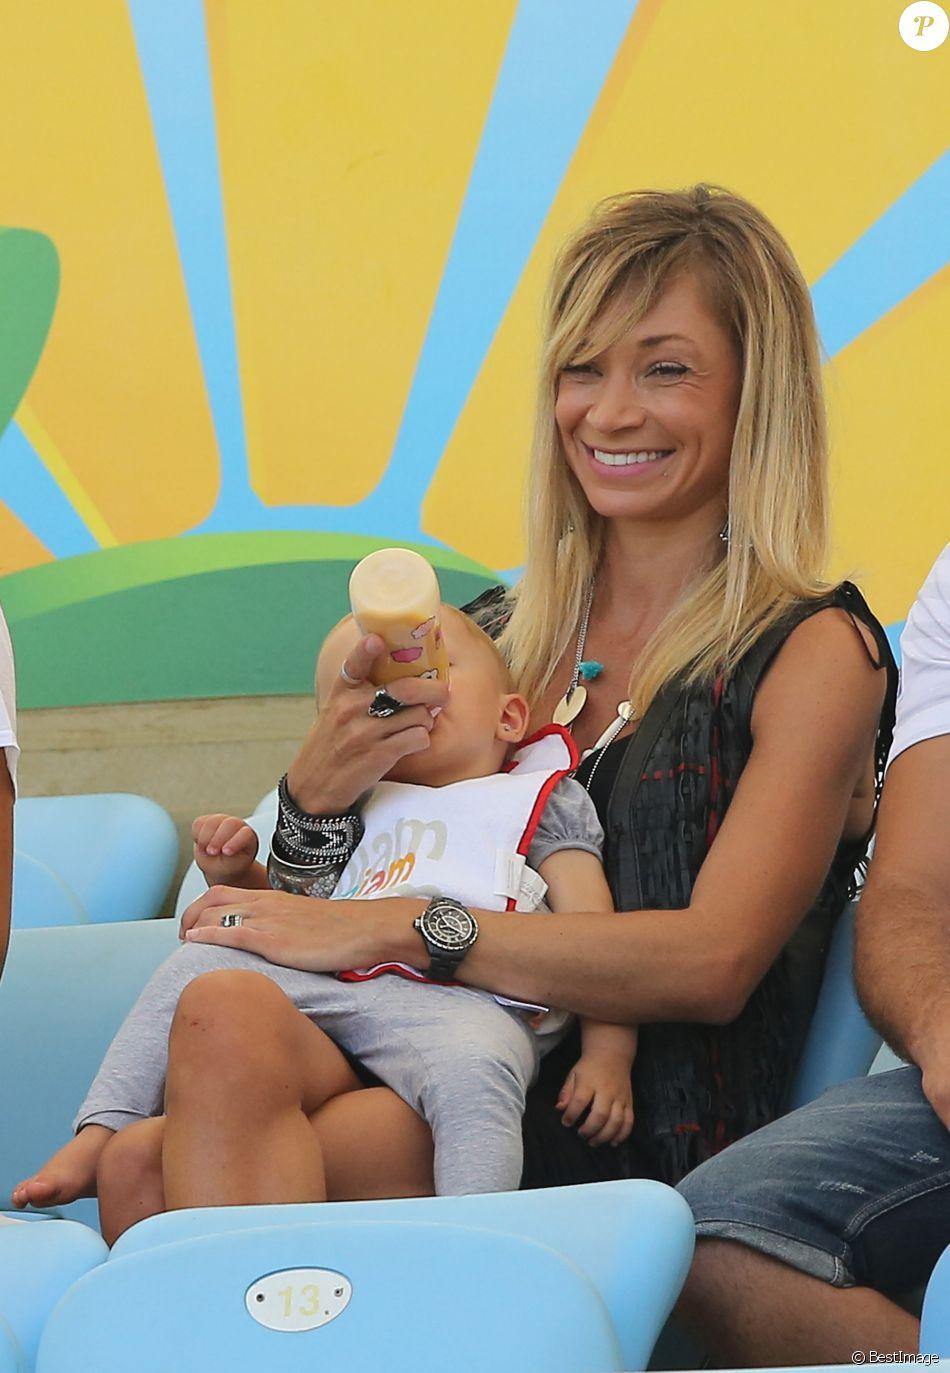 Le Premier Site De Rencontres Brésilien Avec Plus D'1 Million De Membres